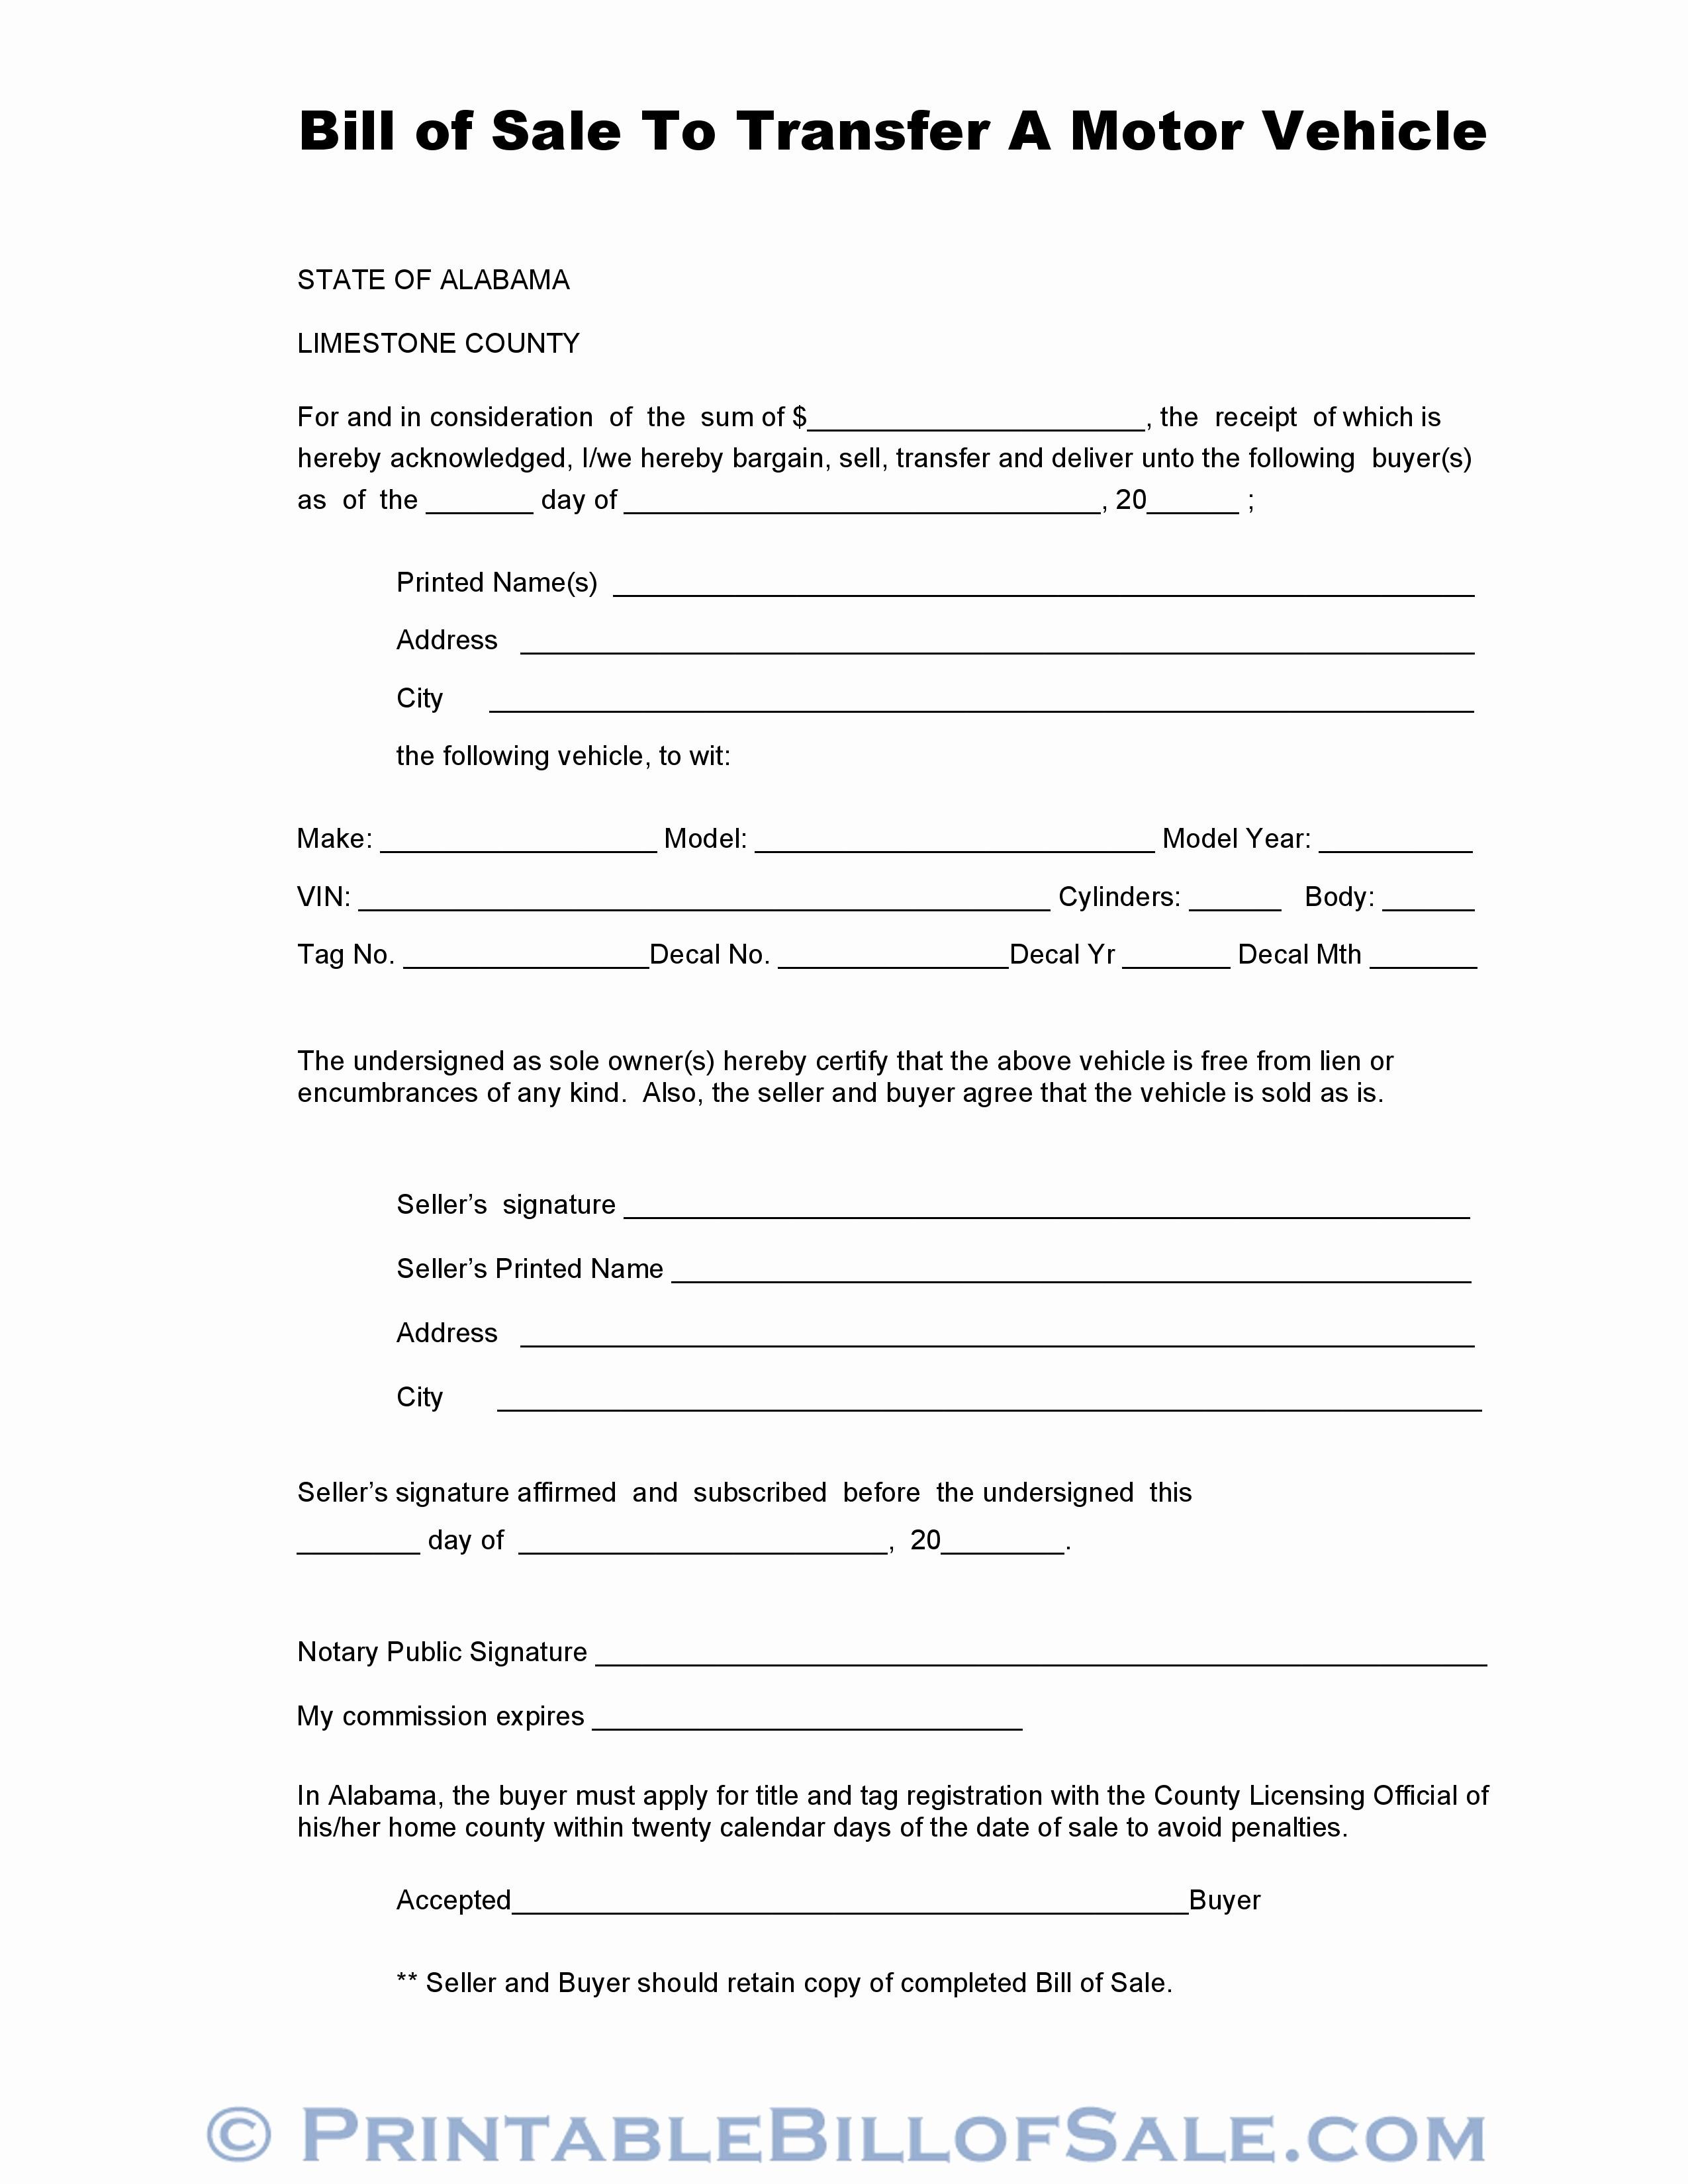 Illinois Auto Bill Of Sale Unique Free Limestone County Alabama Vehicle Bill Of Sale form